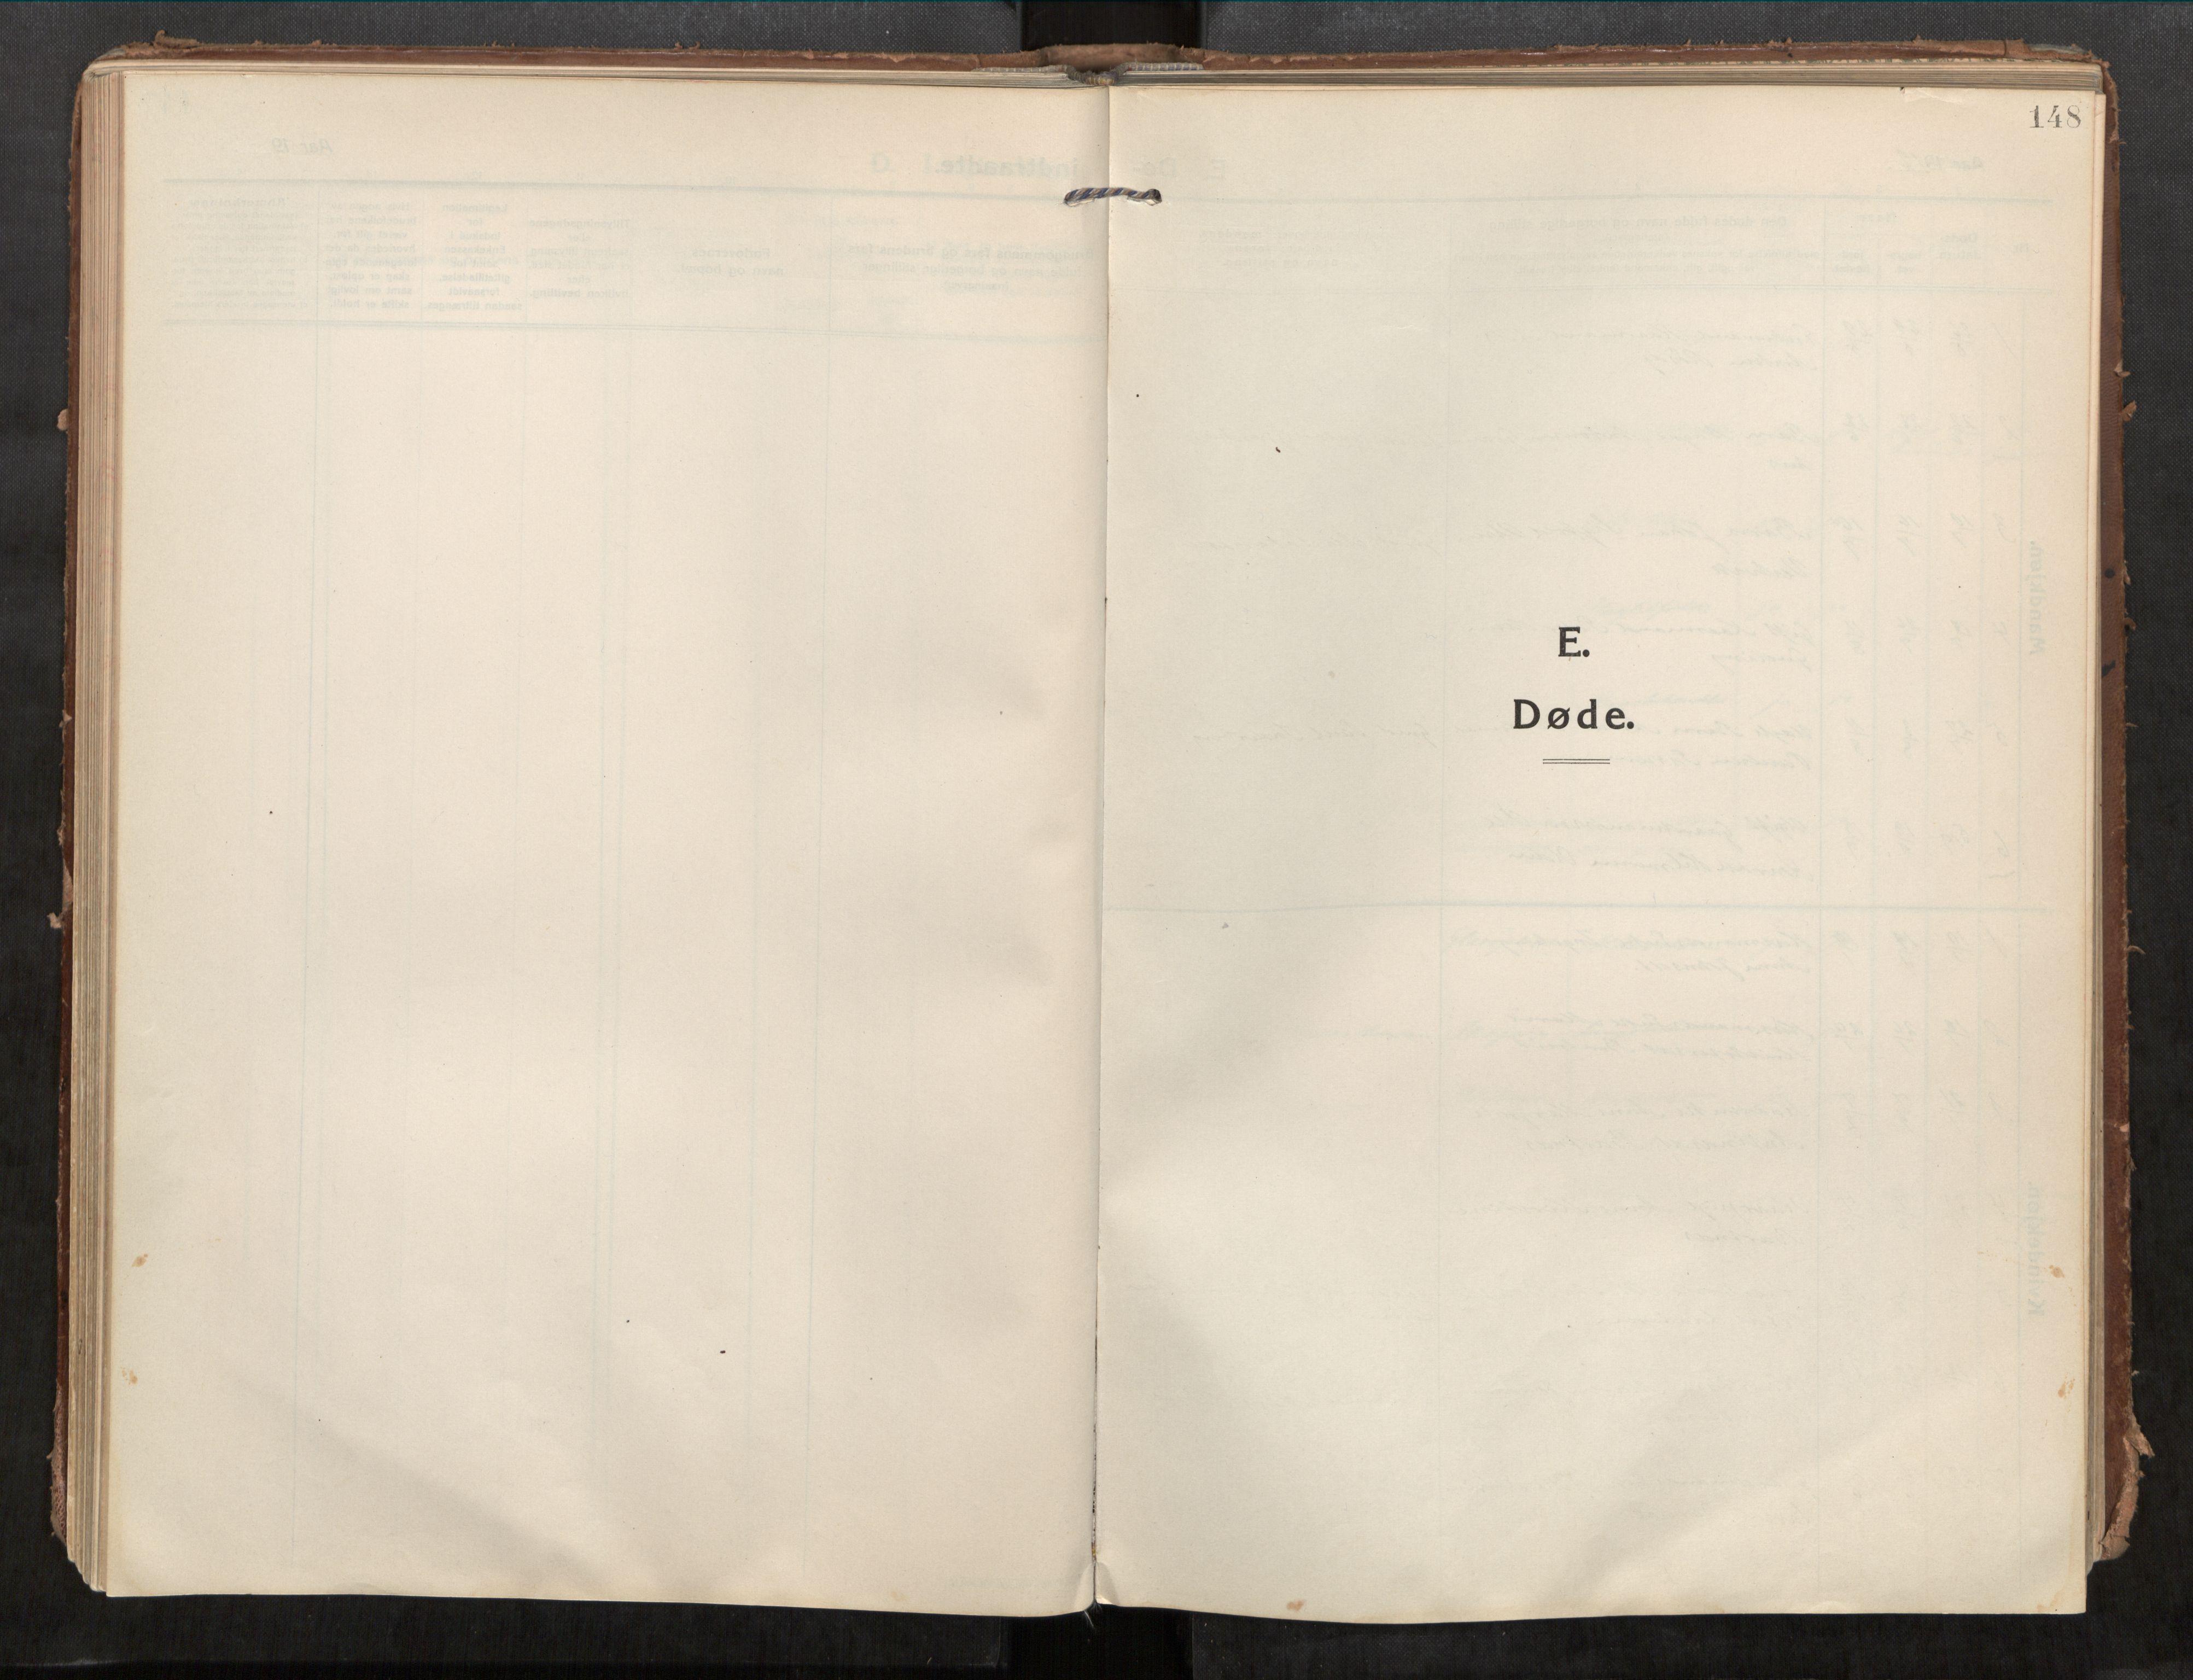 SAT, Beitstad sokneprestkontor, I/I1/I1a/L0001: Ministerialbok nr. 1, 1912-1927, s. 148